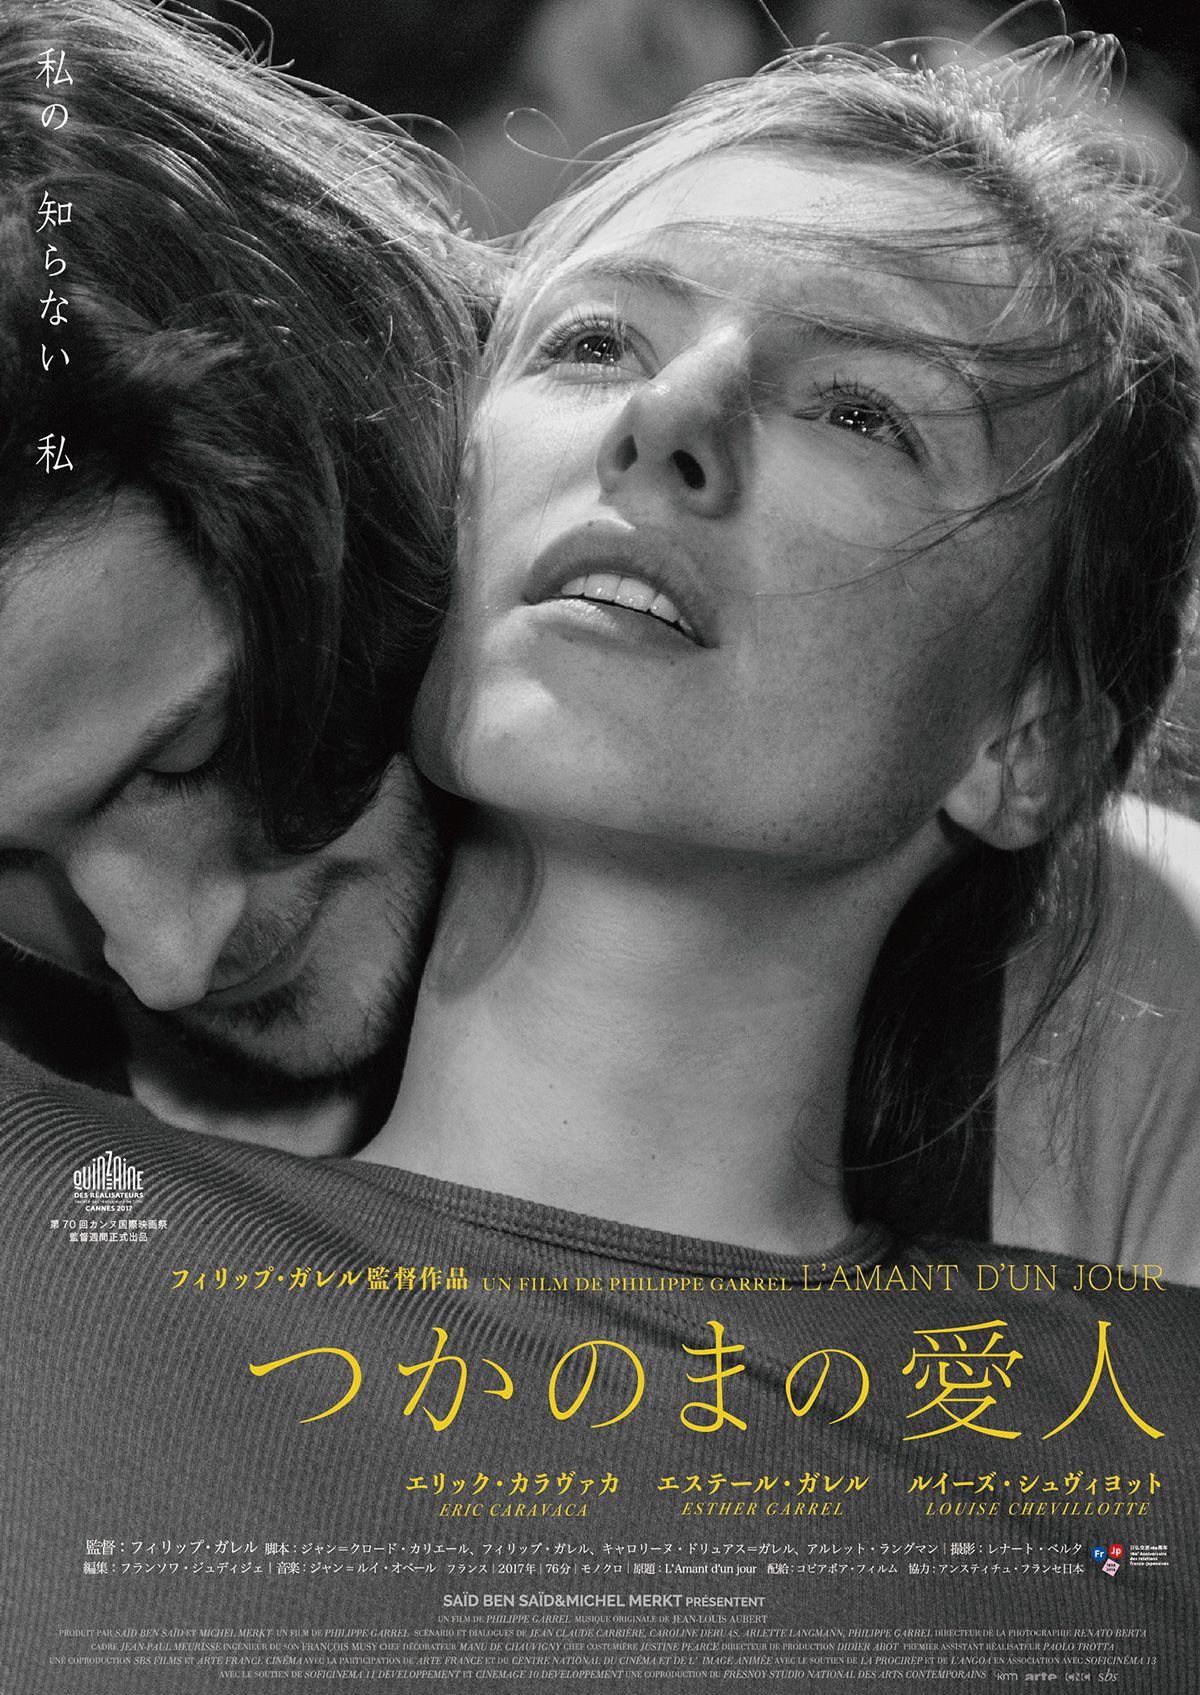 L Amant D Un Jour つかのまの愛人 映画 ポスター 映画 新作映画